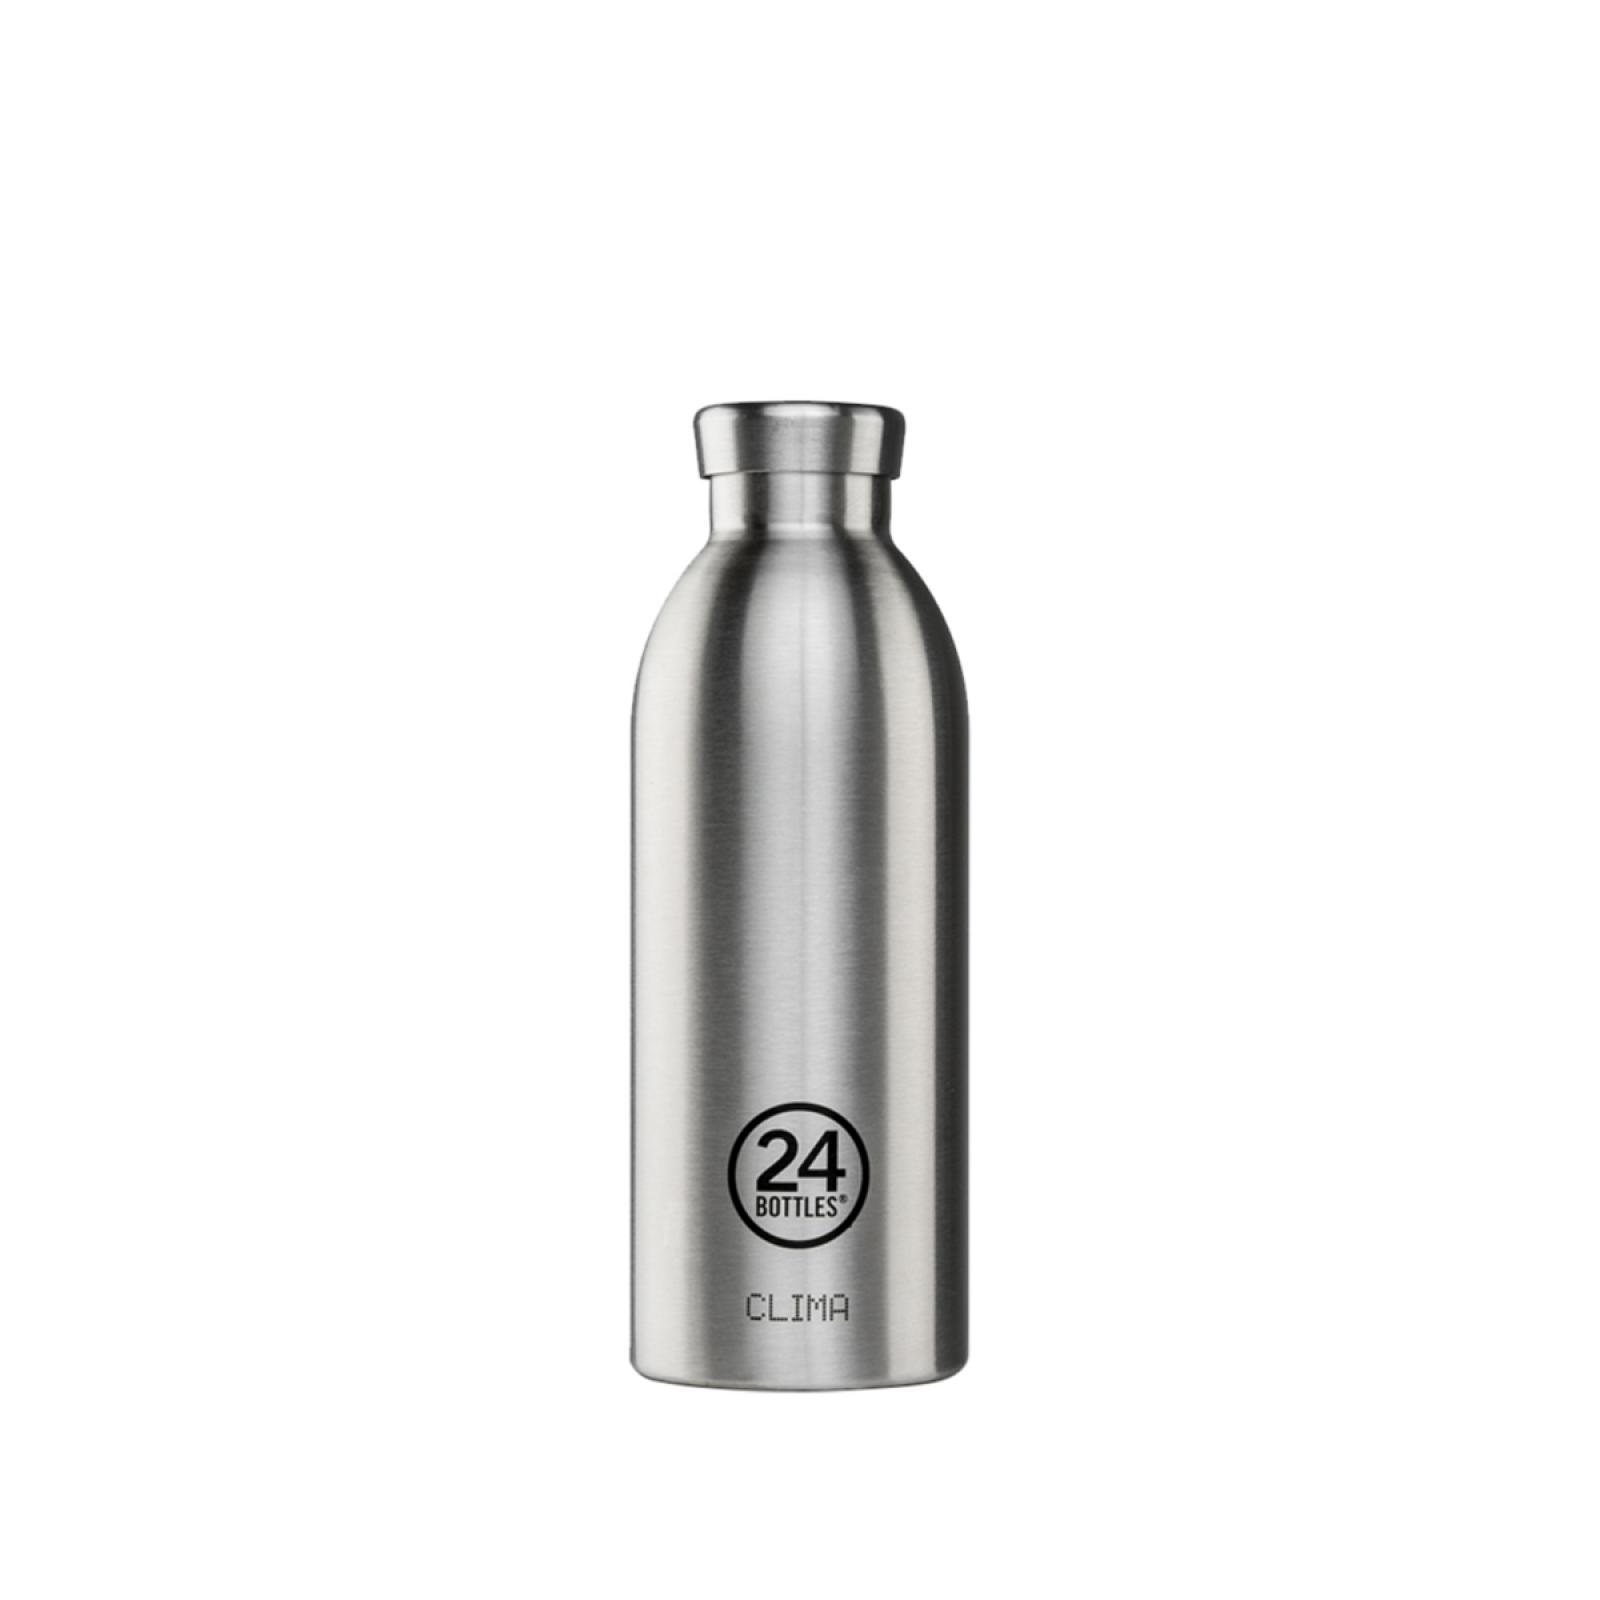 24BO Clima Bottle Steel 500 ml - 1